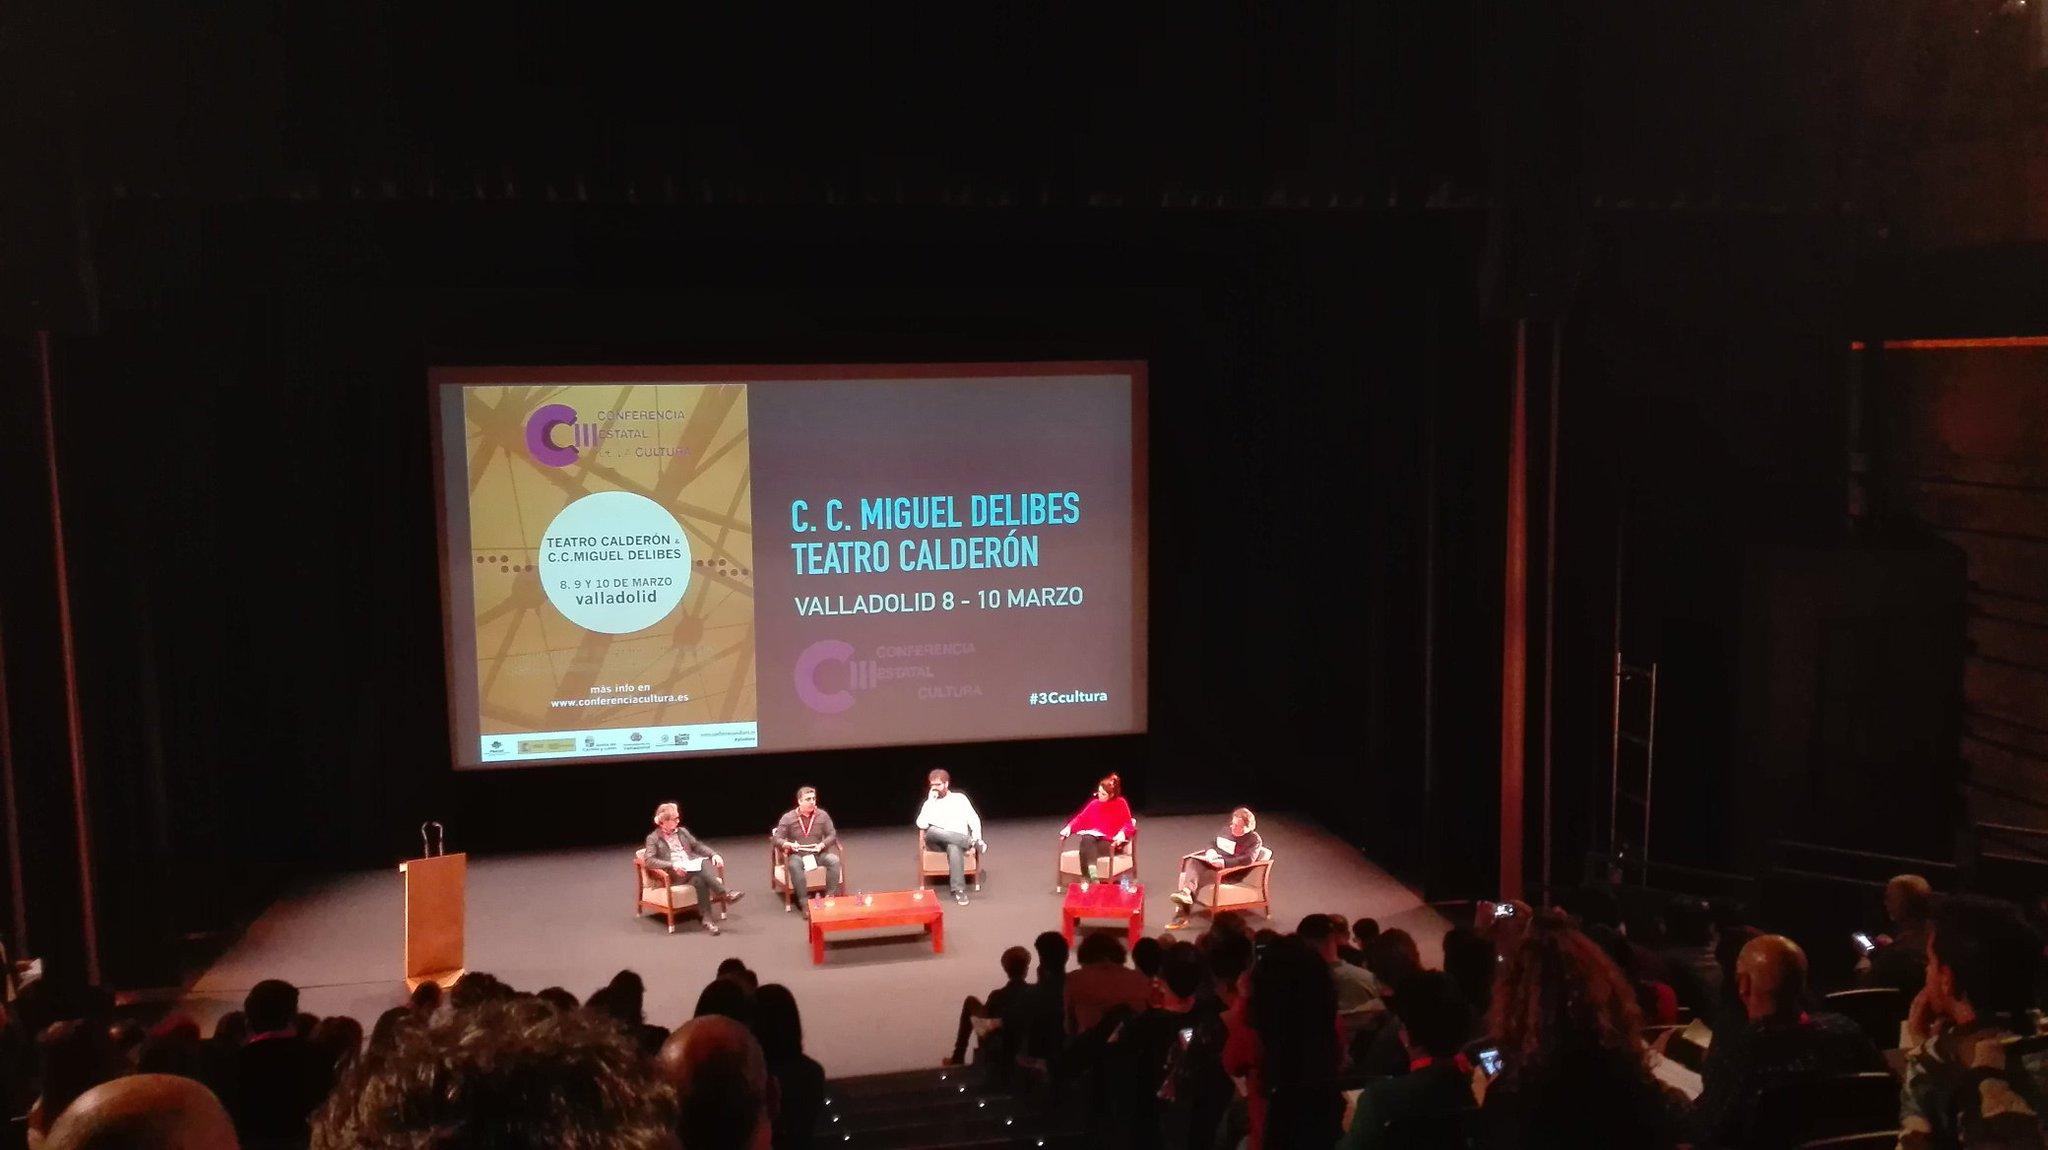 """Manuel J. González: """"El espacio cultural es una oportunidad para la participación ciudadana"""" #3ccultura @Feria_TeatroCYL https://t.co/1VY2jMHq4a"""